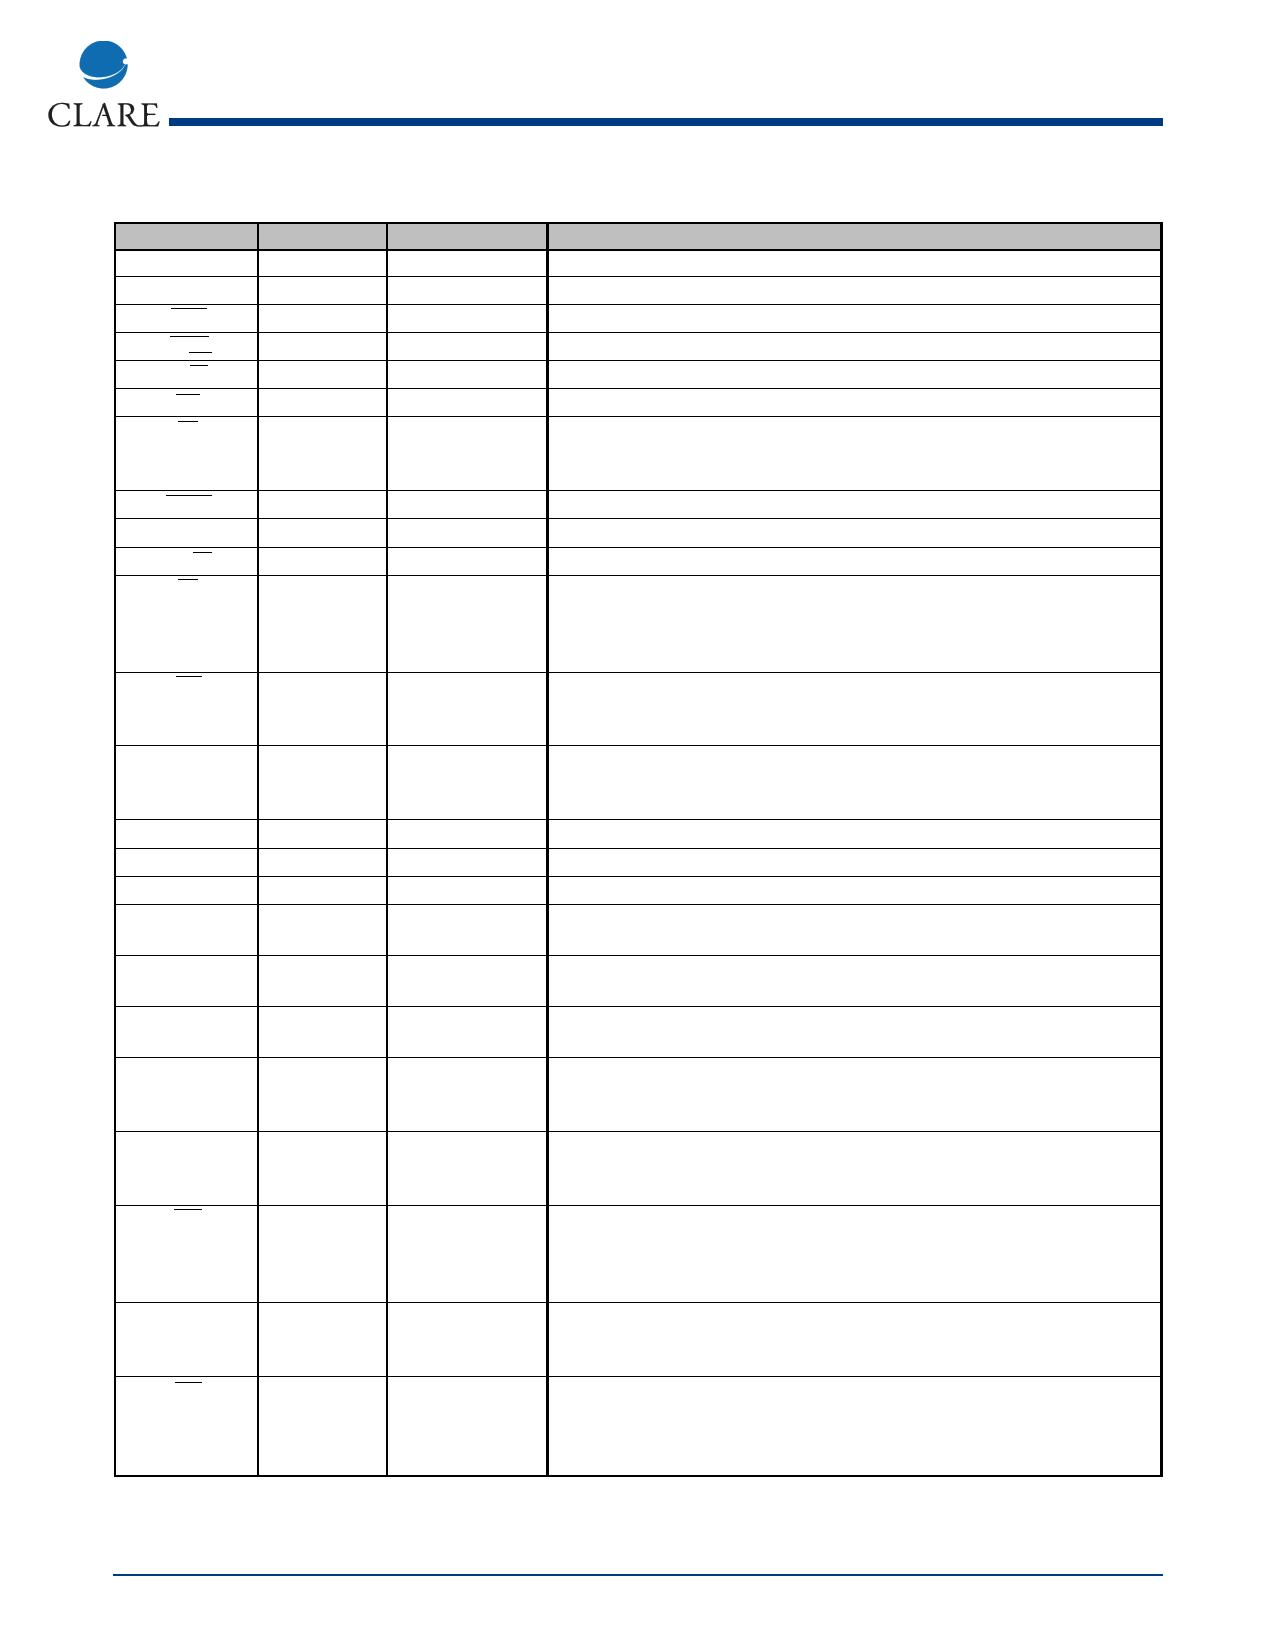 M-986-2A1 pdf